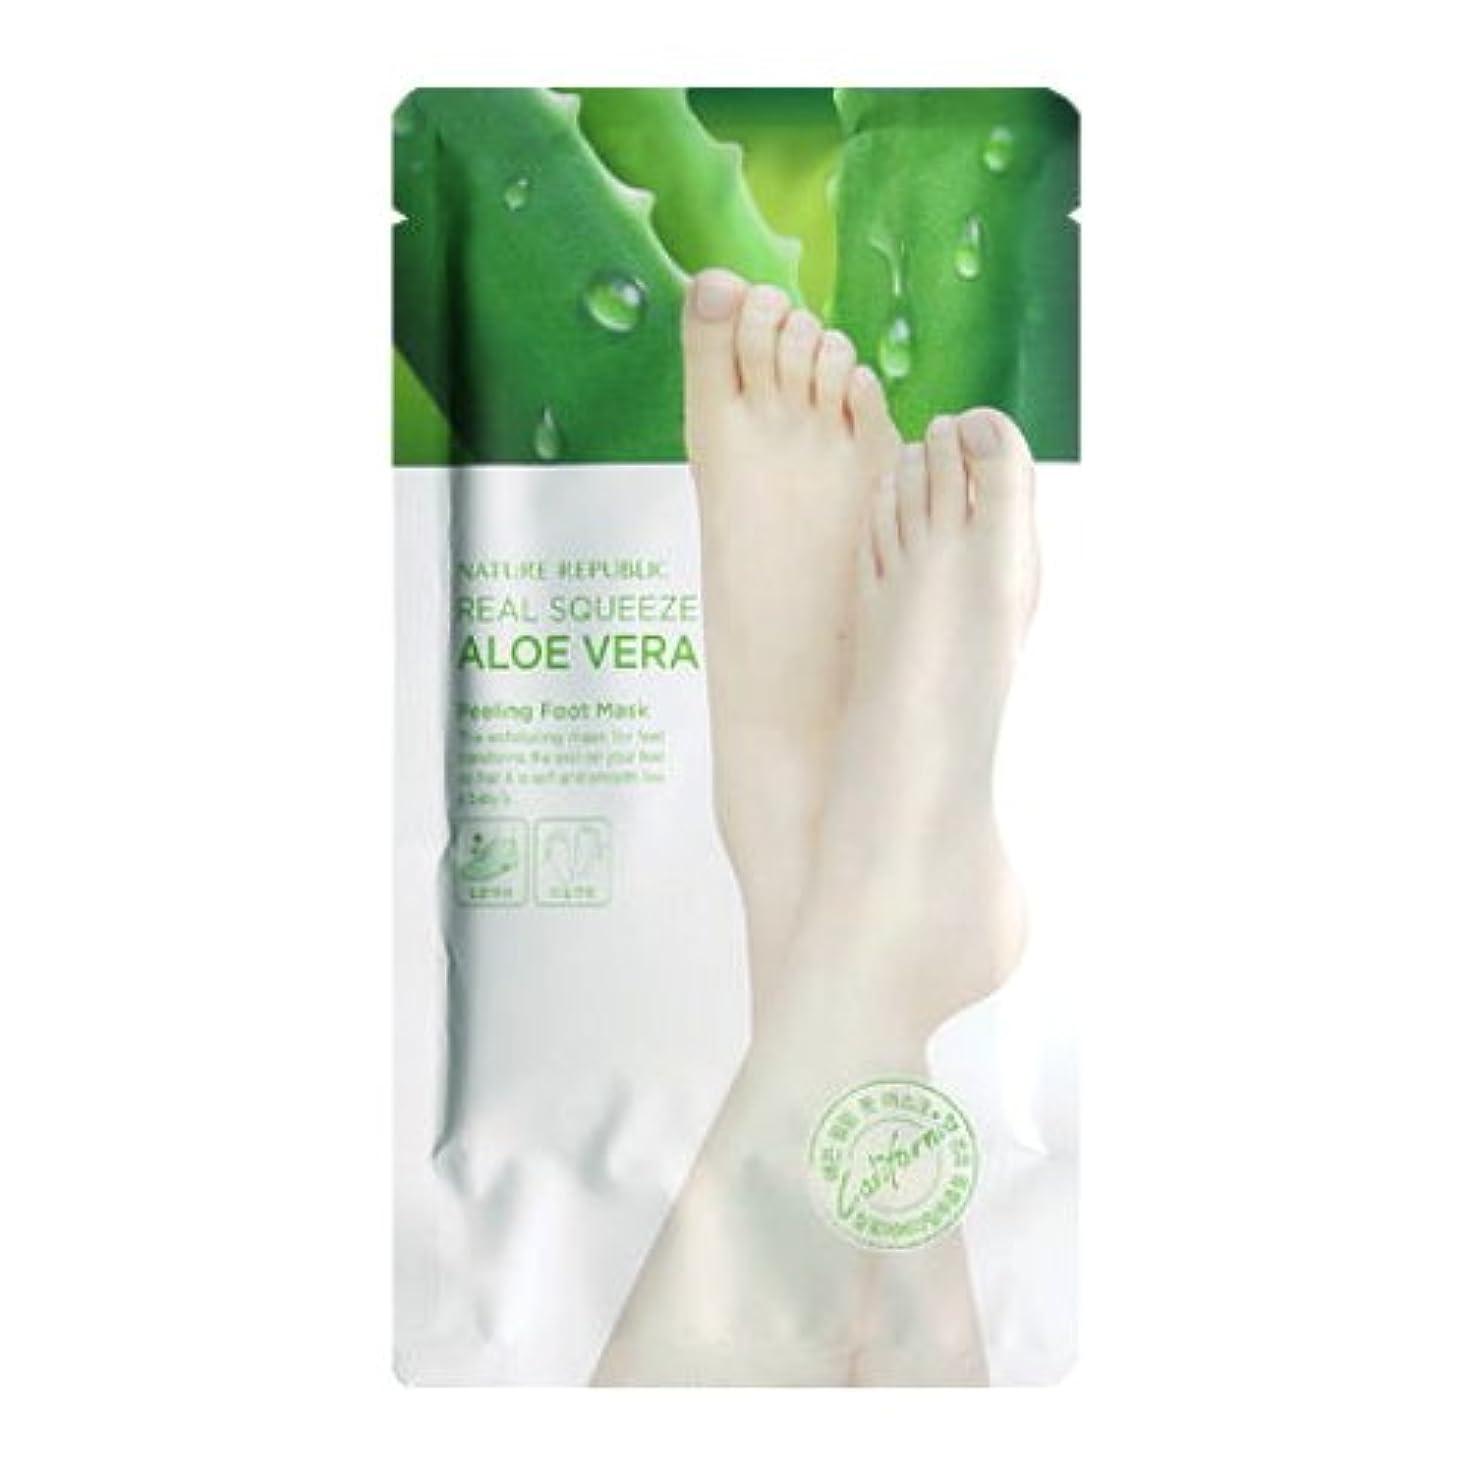 記録借りているガードNATURE REPUBLIC Real Squeeze Aloe Vera Peeling Foot Mask (並行輸入品)